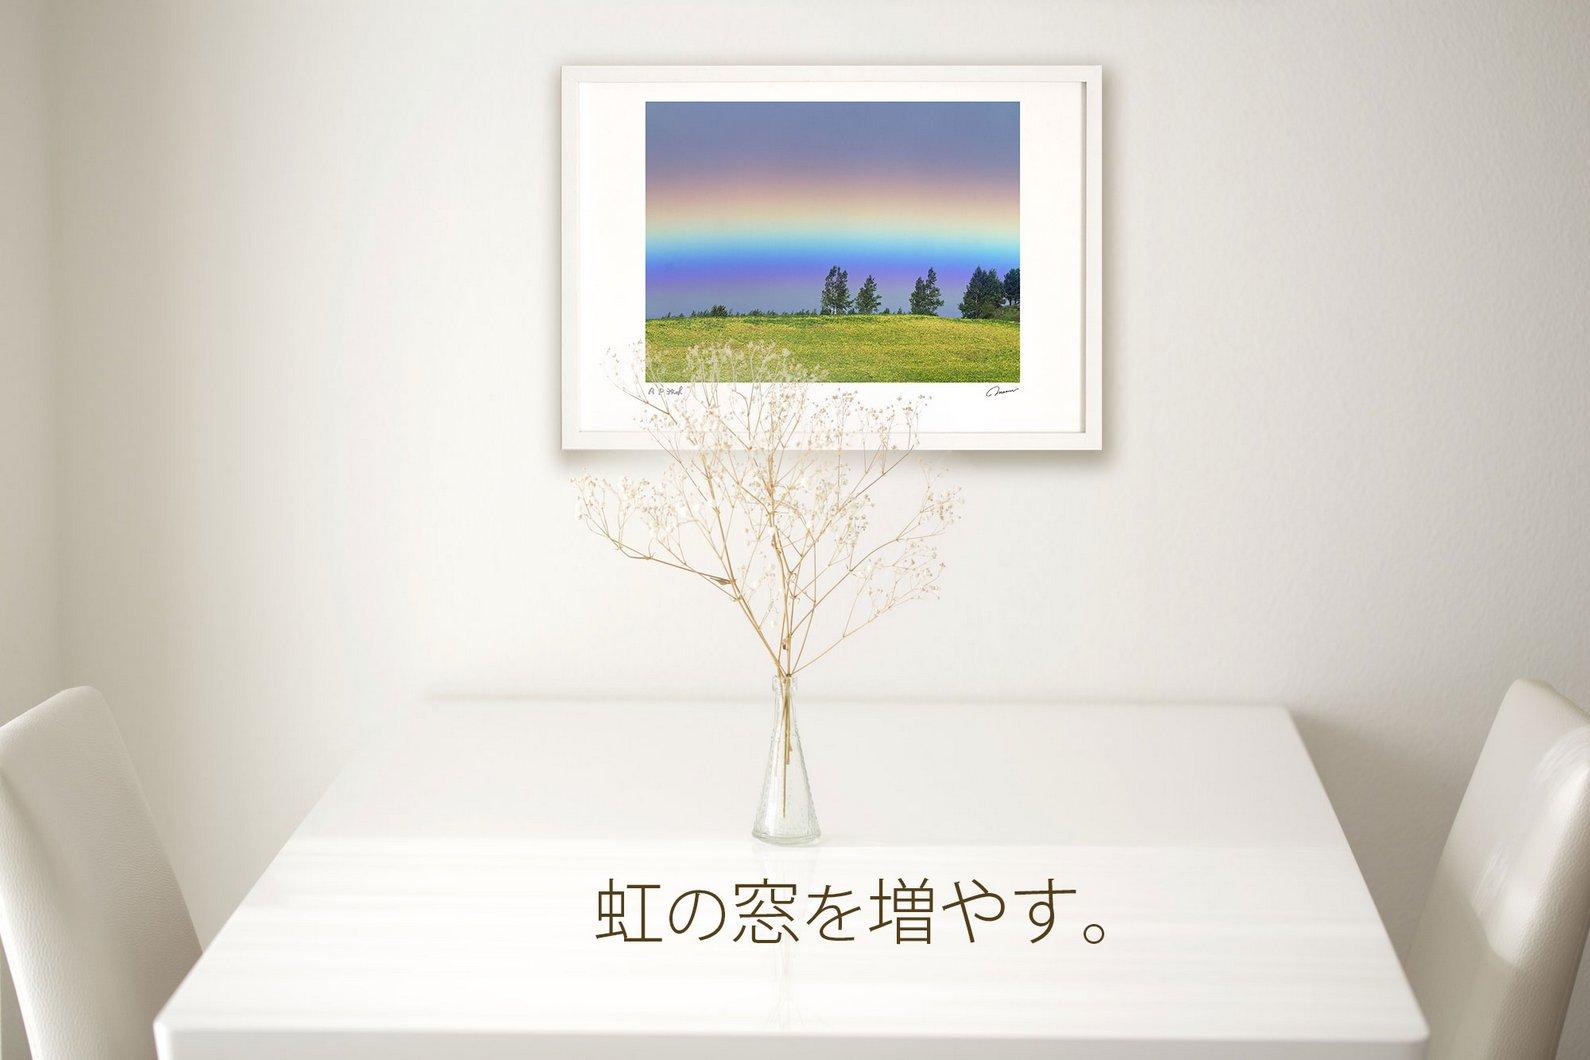 《アートフォト》太陽とイルカと砂浜と(撮影地:バハマ)(レンタル対象)